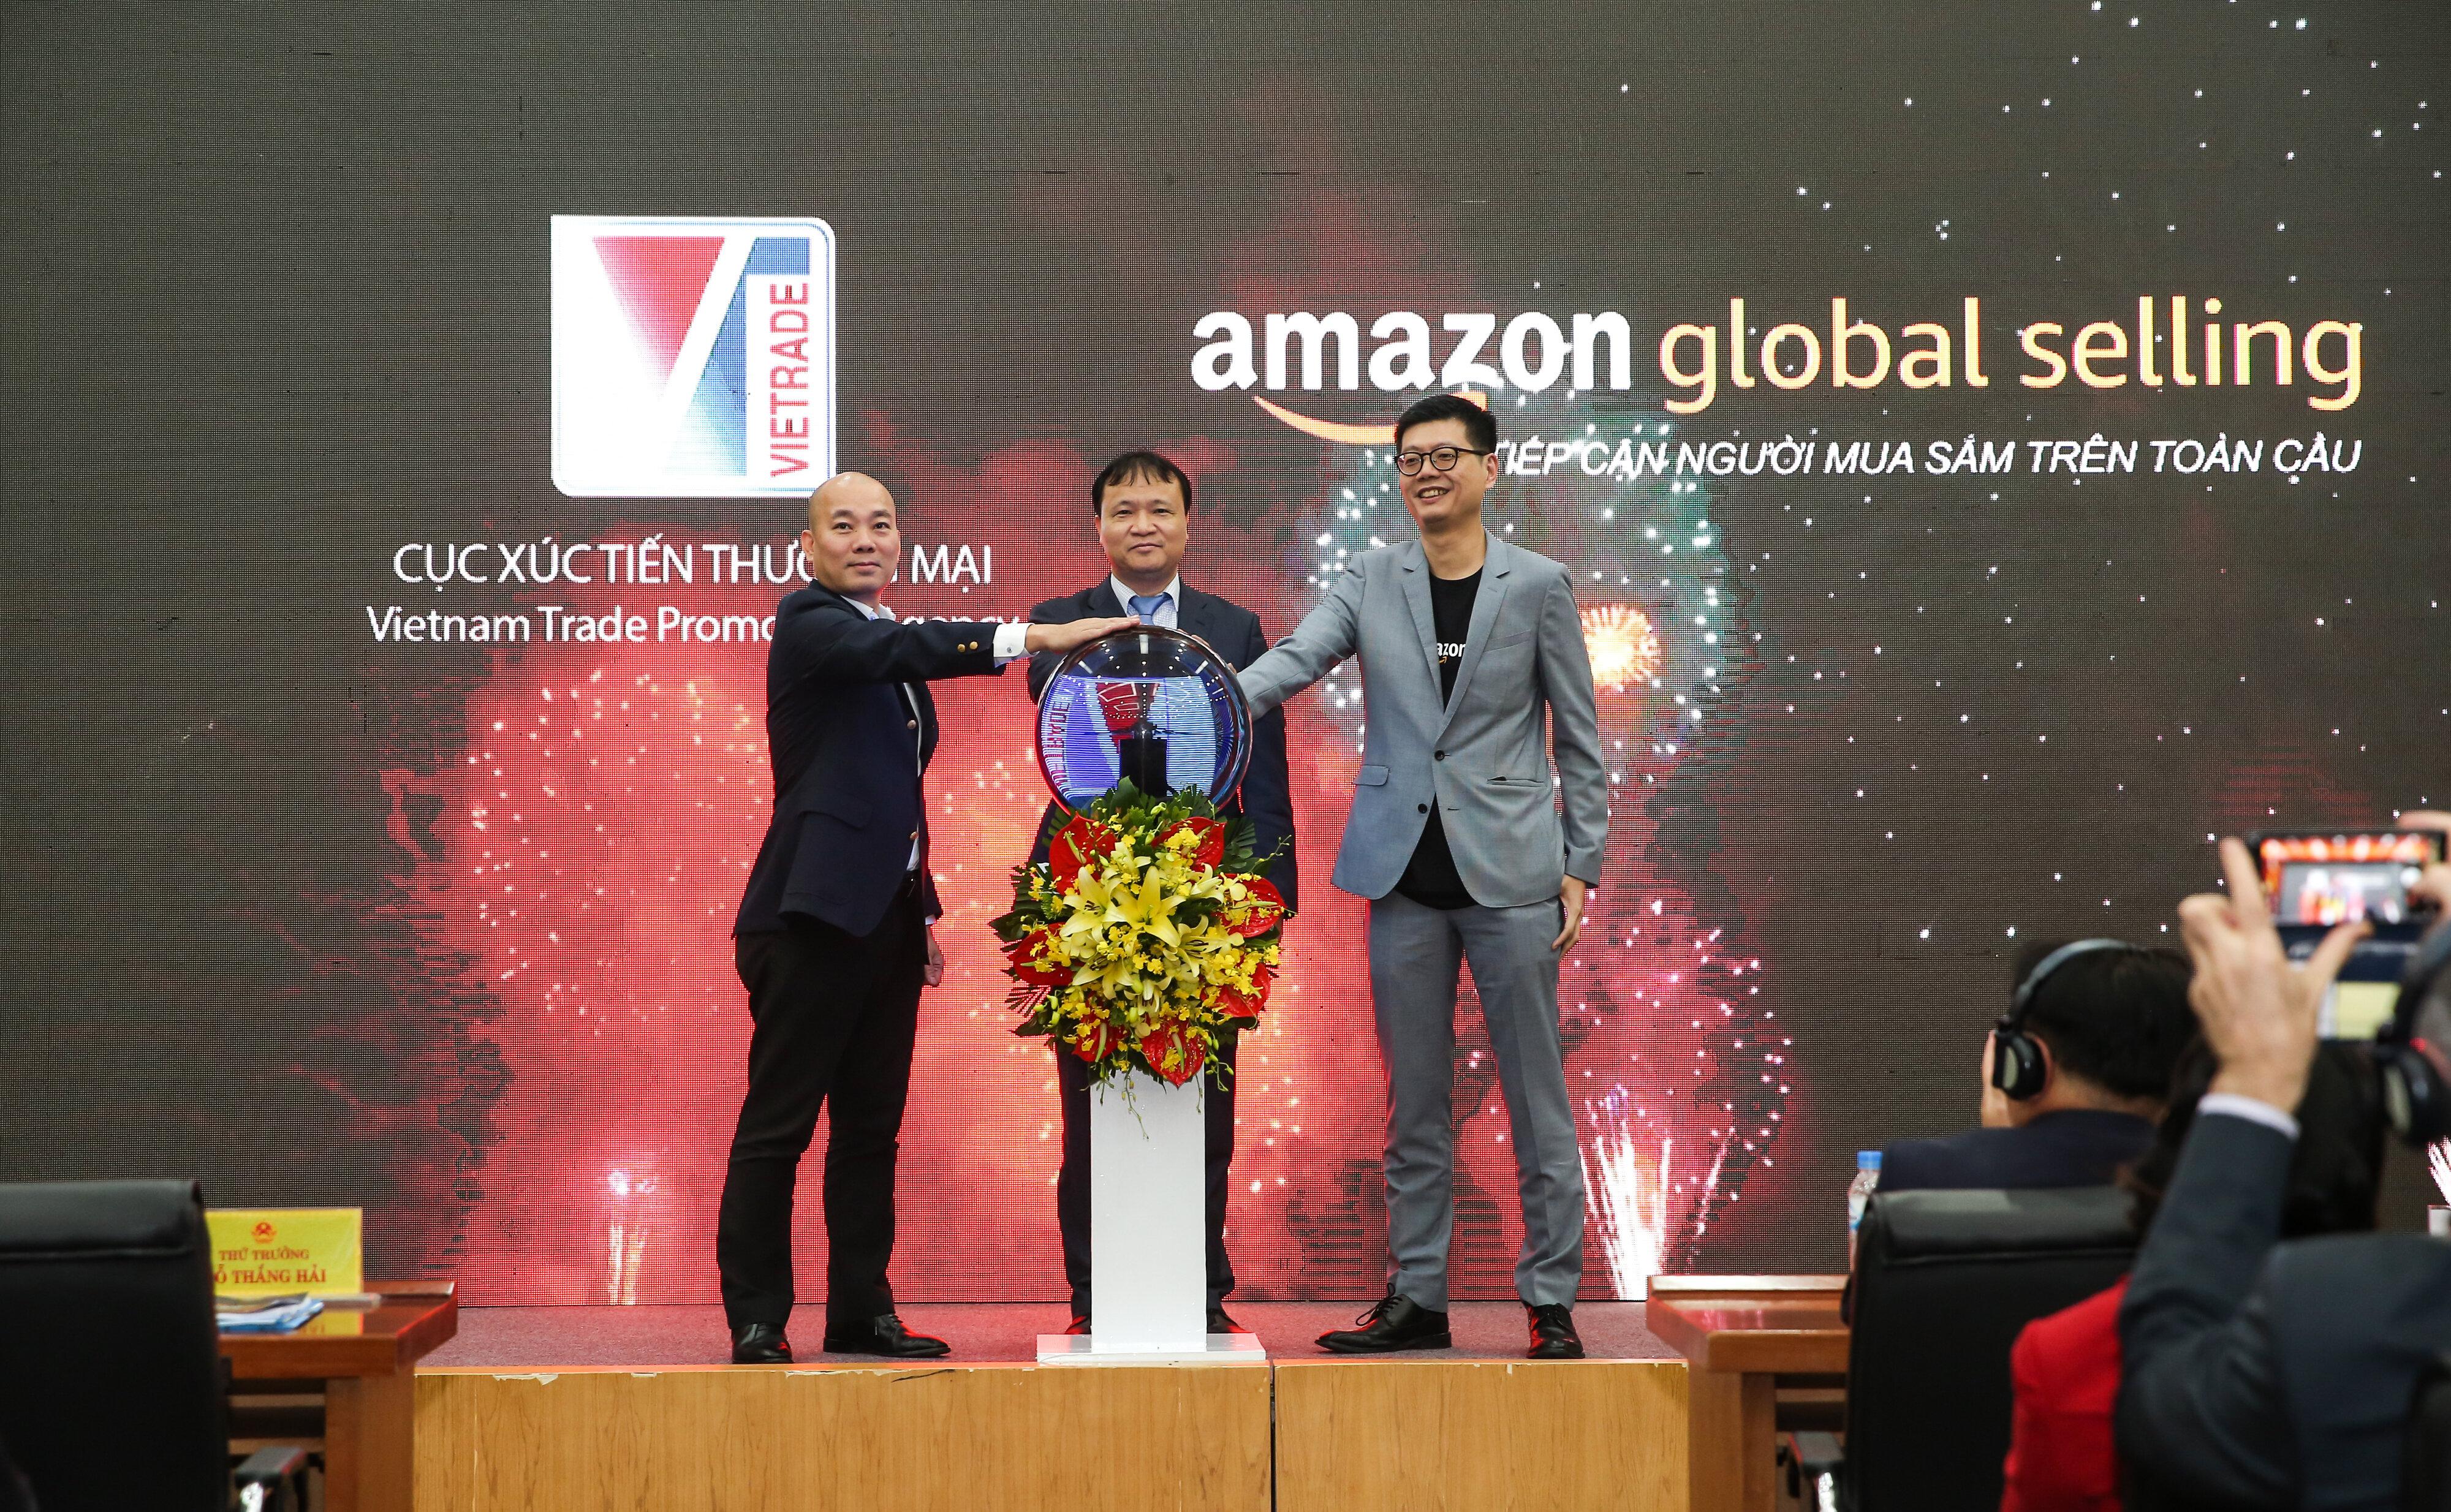 DN nhỏ và vừa Việt Nam được xuất khẩu online trên toàn cầu